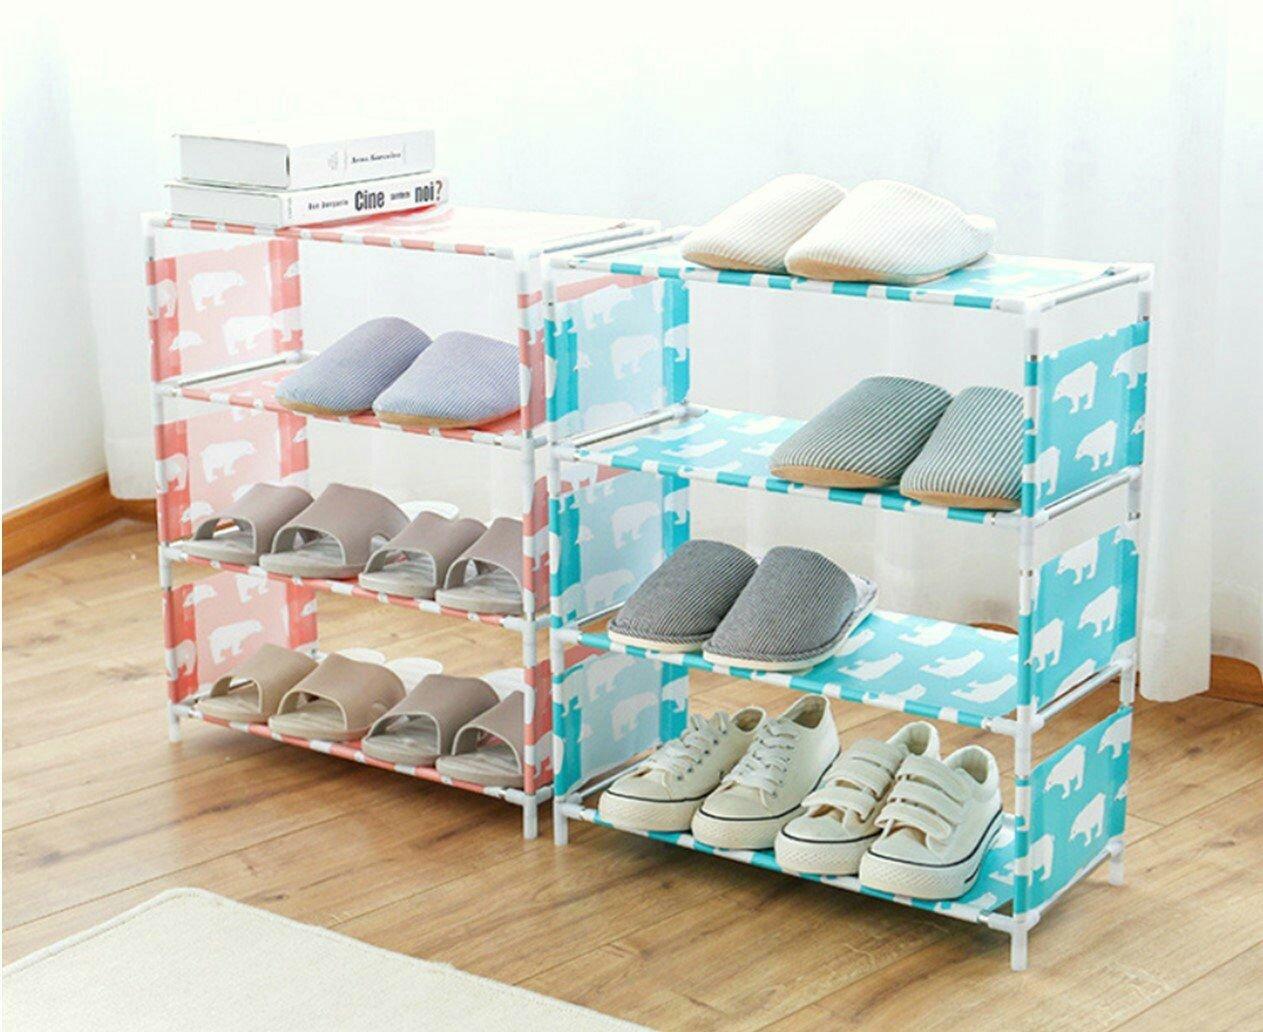 四層組裝鞋架 鞋櫃  鞋架 置物架 多層鞋架收納櫃 家用防塵鞋架